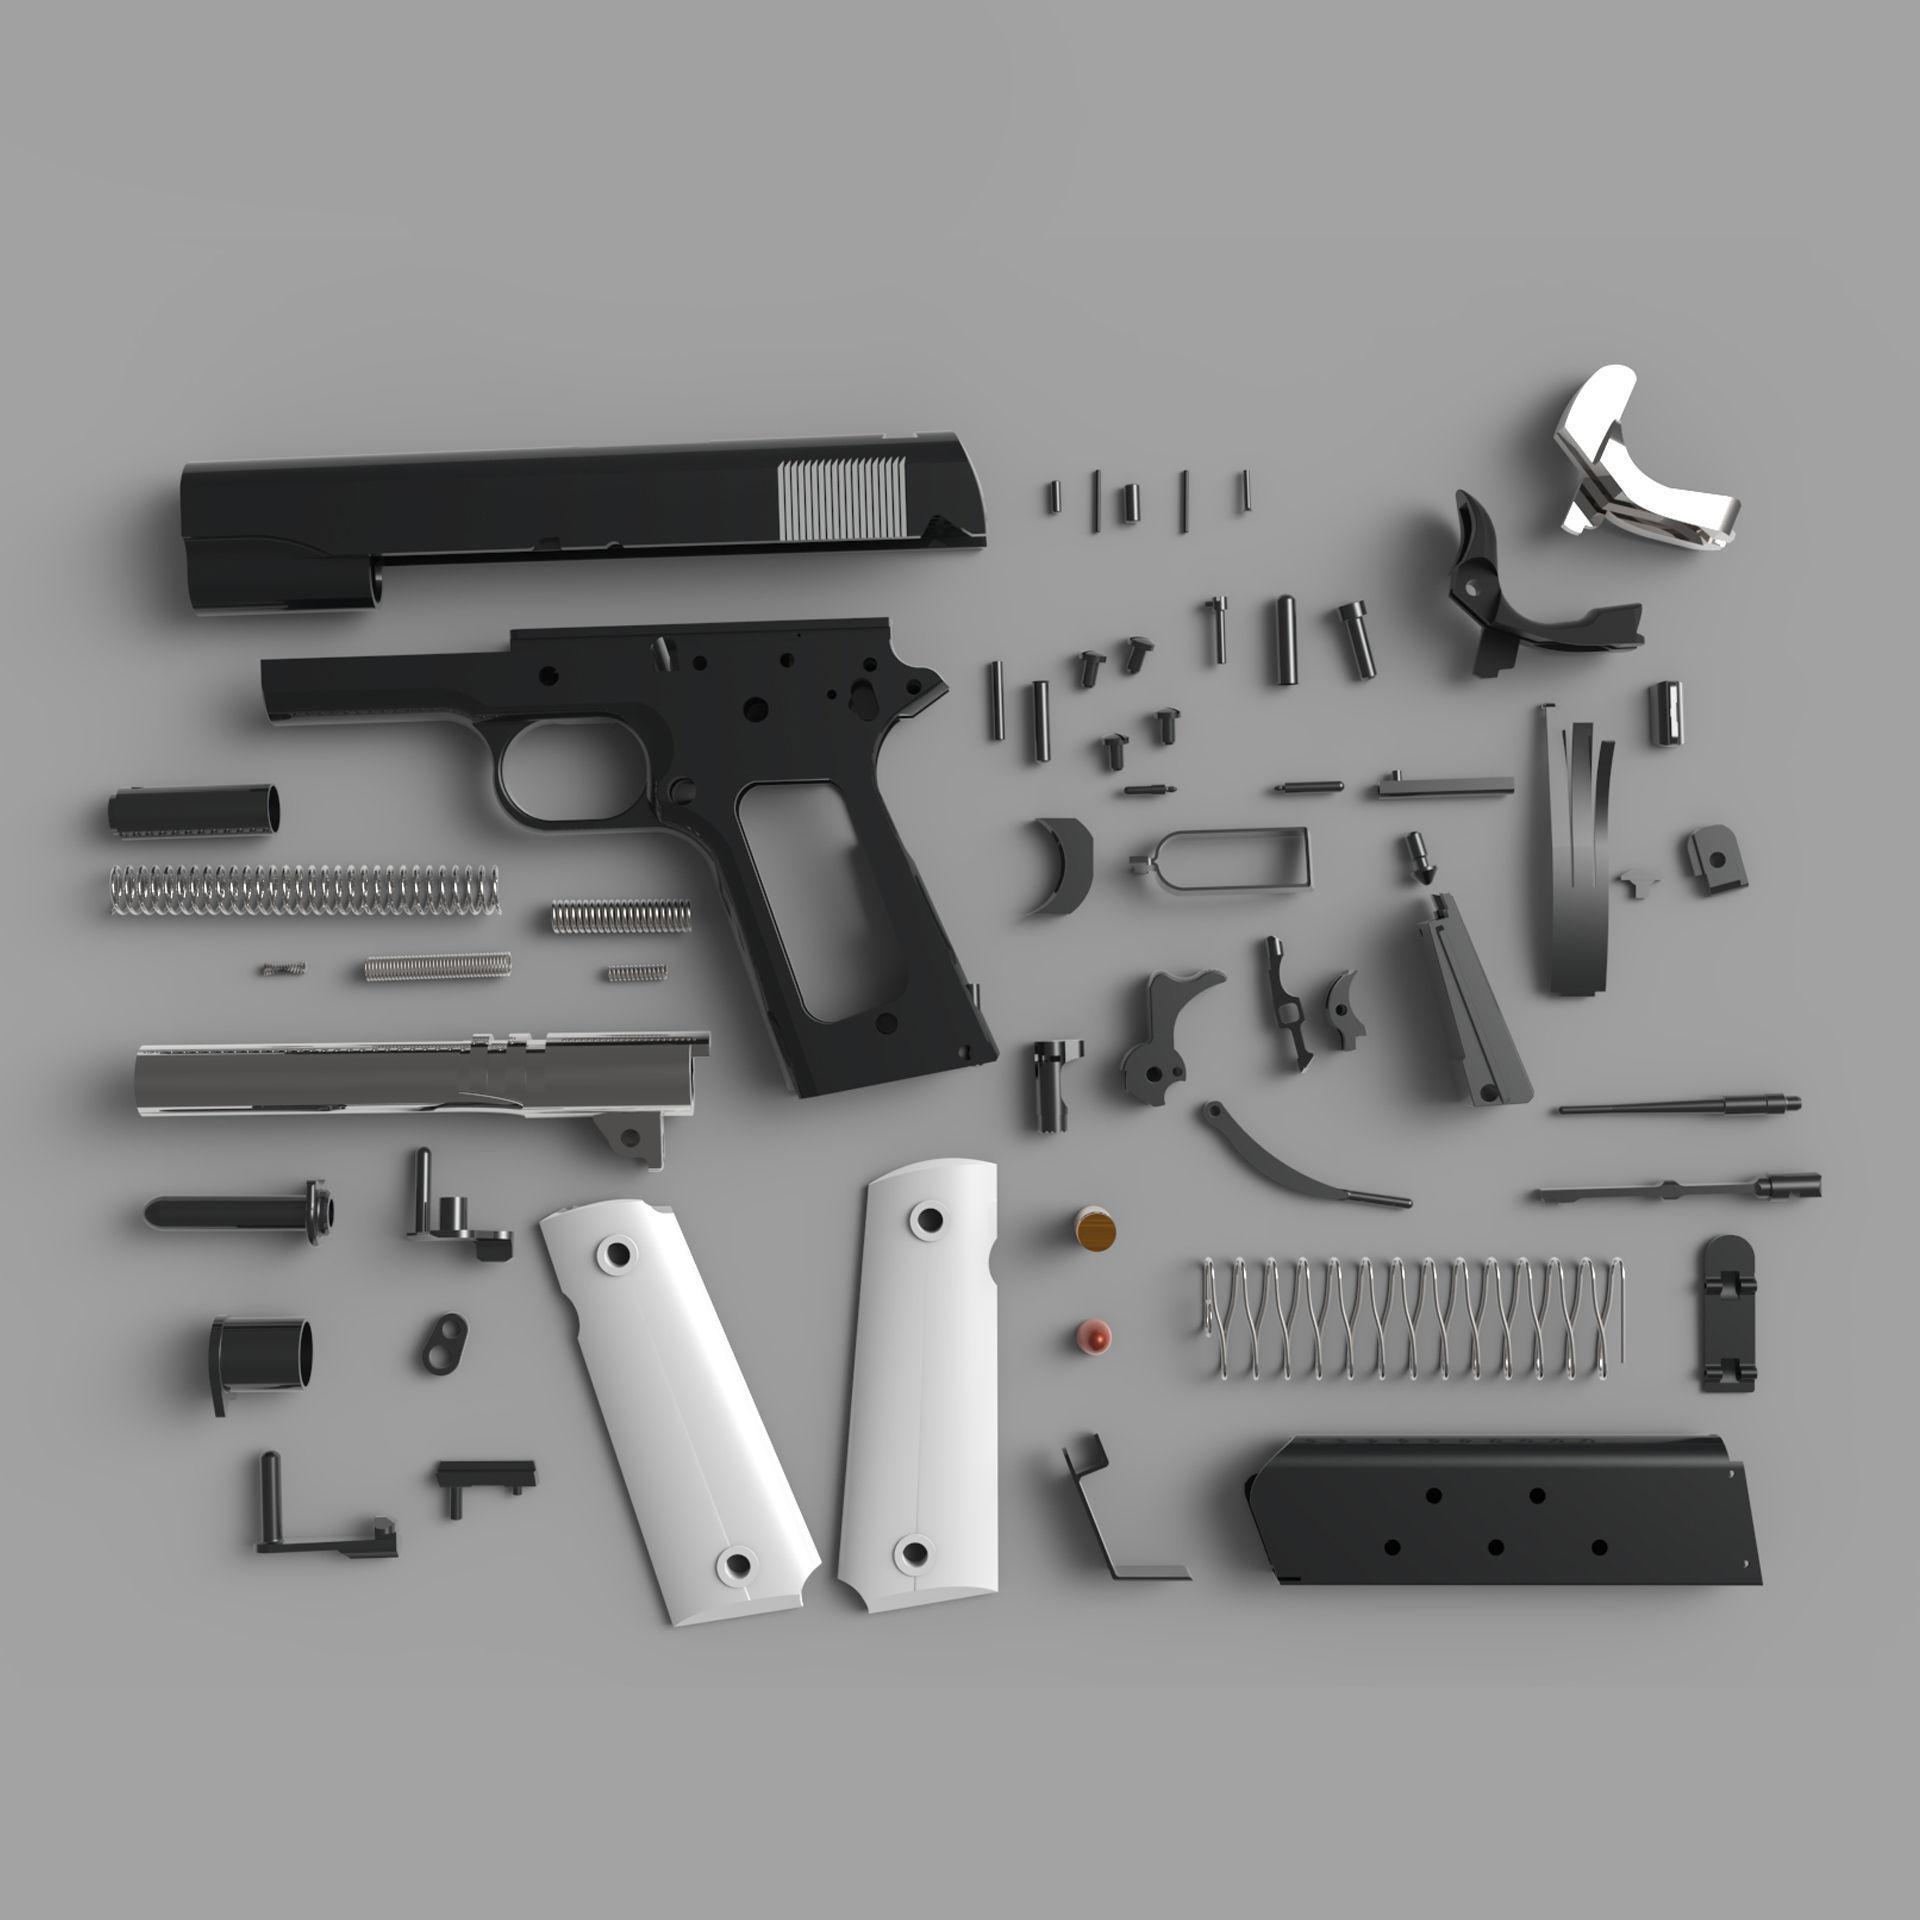 1911 Pistol Colt M1911 M1911A1